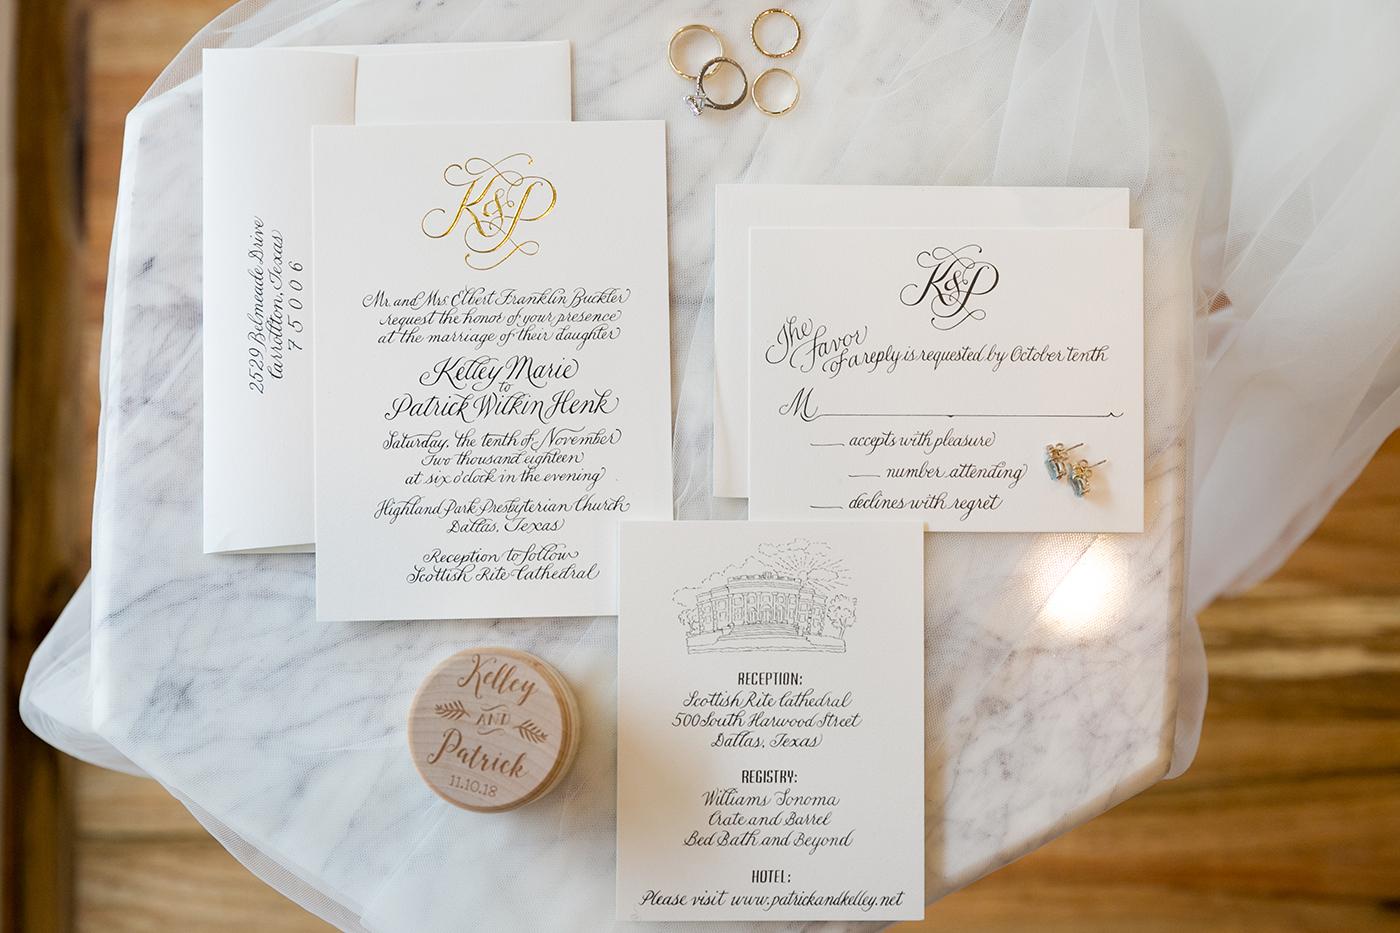 Dallas Wedding Planner - Allday Events - Classic Wedding at Dallas Scottish Rite - 7.jpg